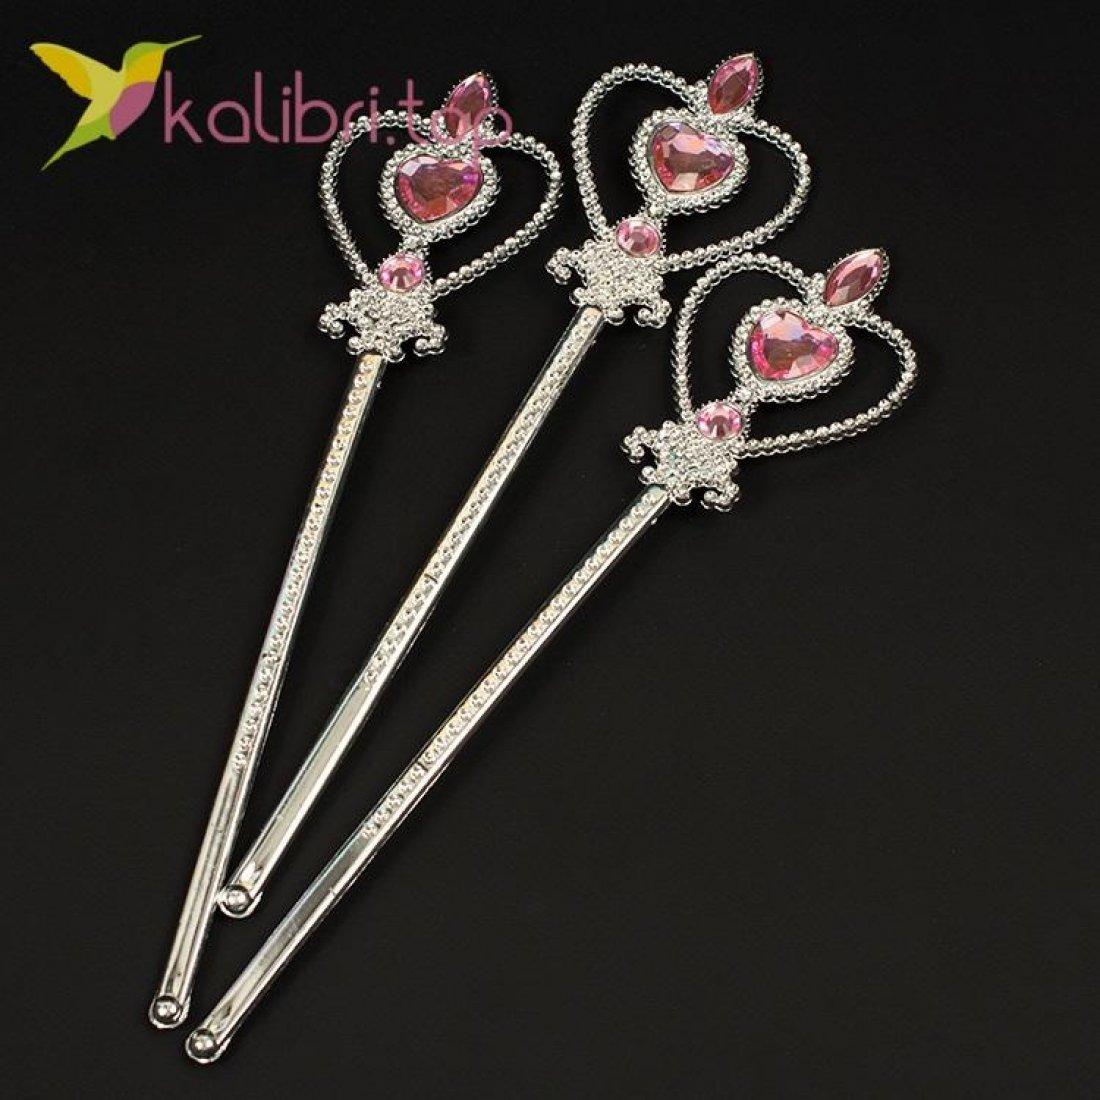 Волшебная палочка Сердечко розовый, оптом фото 1